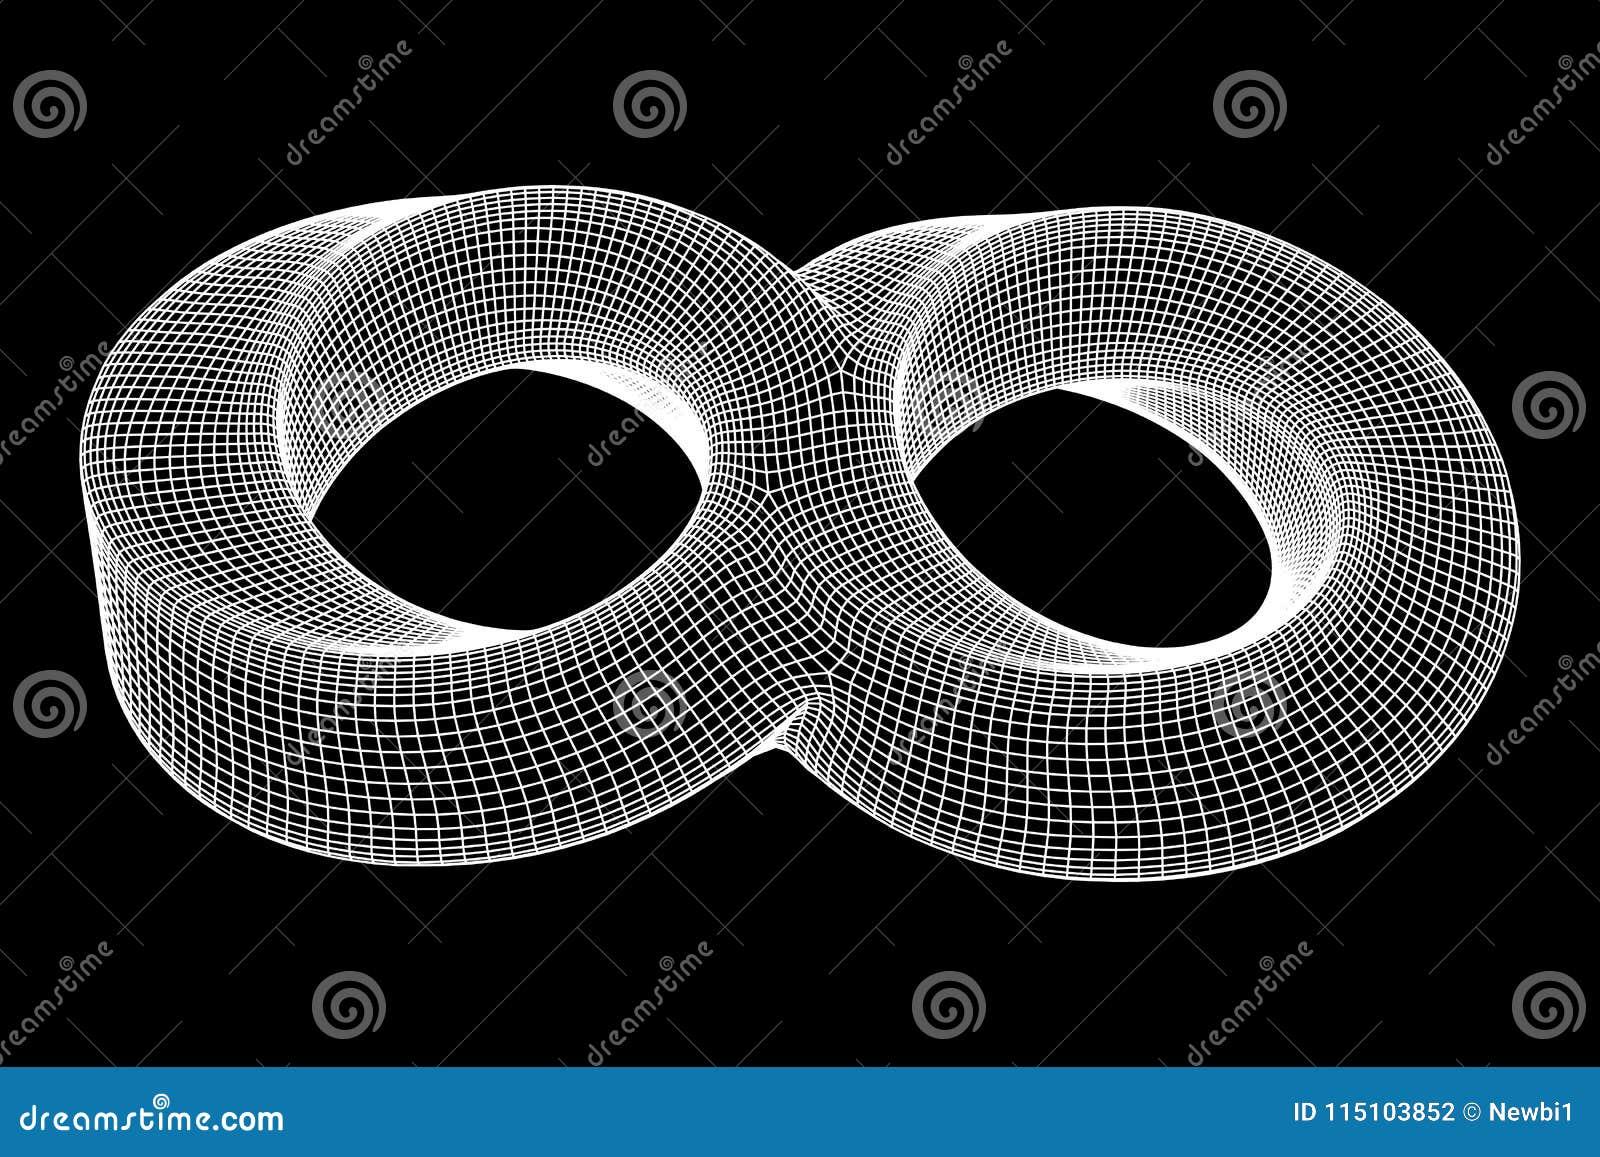 Van de de ringsoneindigheid van de Mobiusstrook de heilige meetkunde